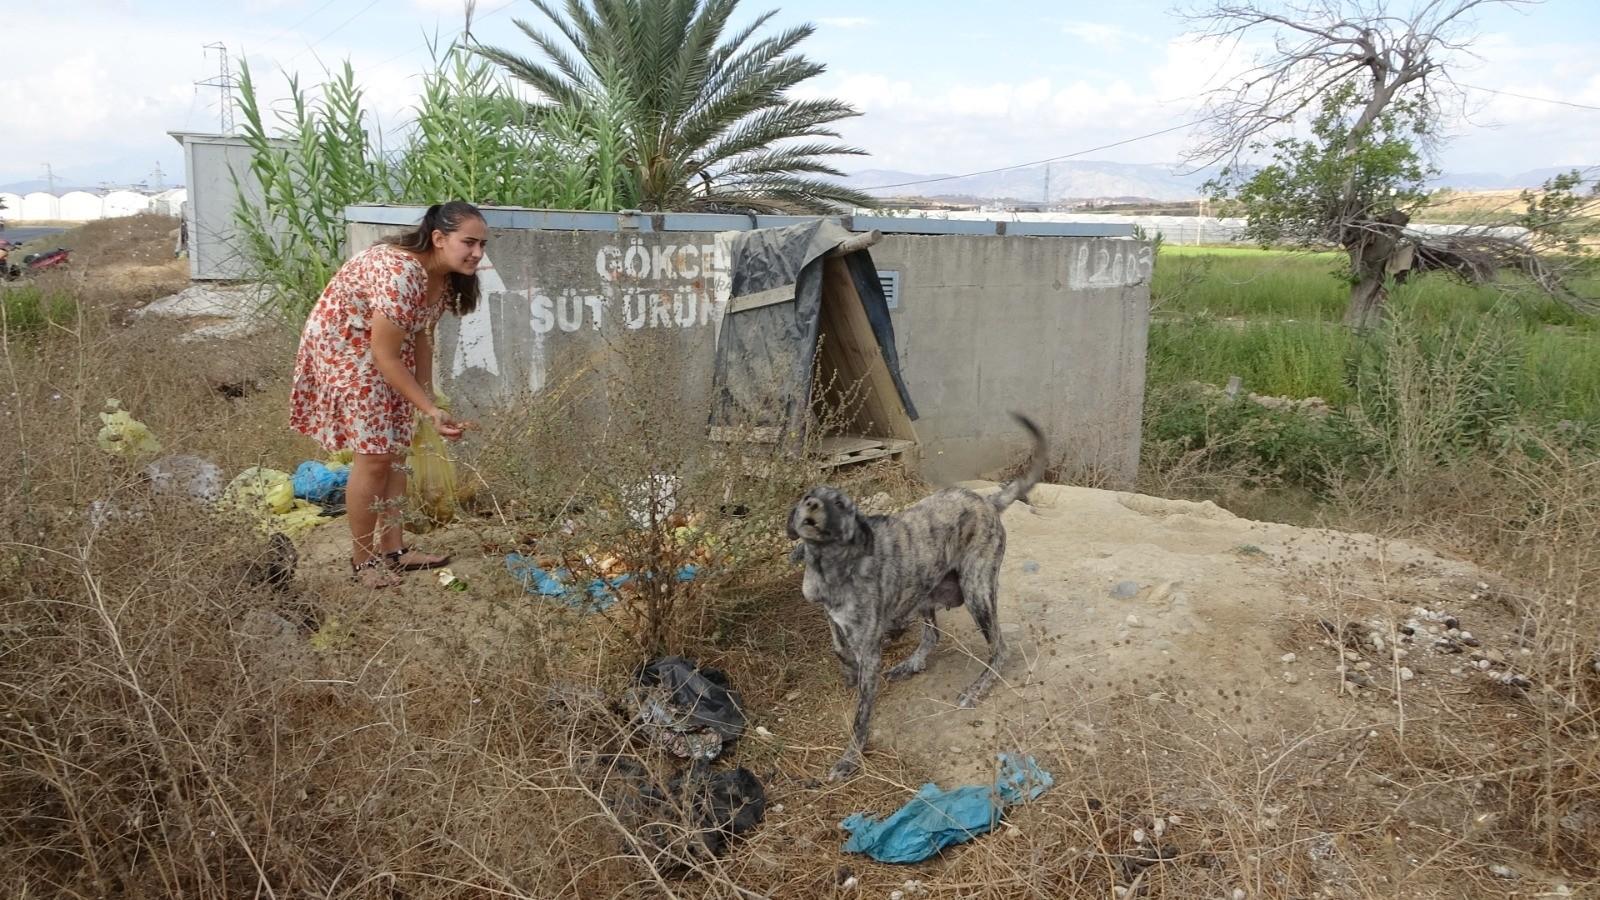 Garsonluk yapan 2 genç kadın çöpe atılan yemek atıklarıyla kedi ve köpekleri besliyor